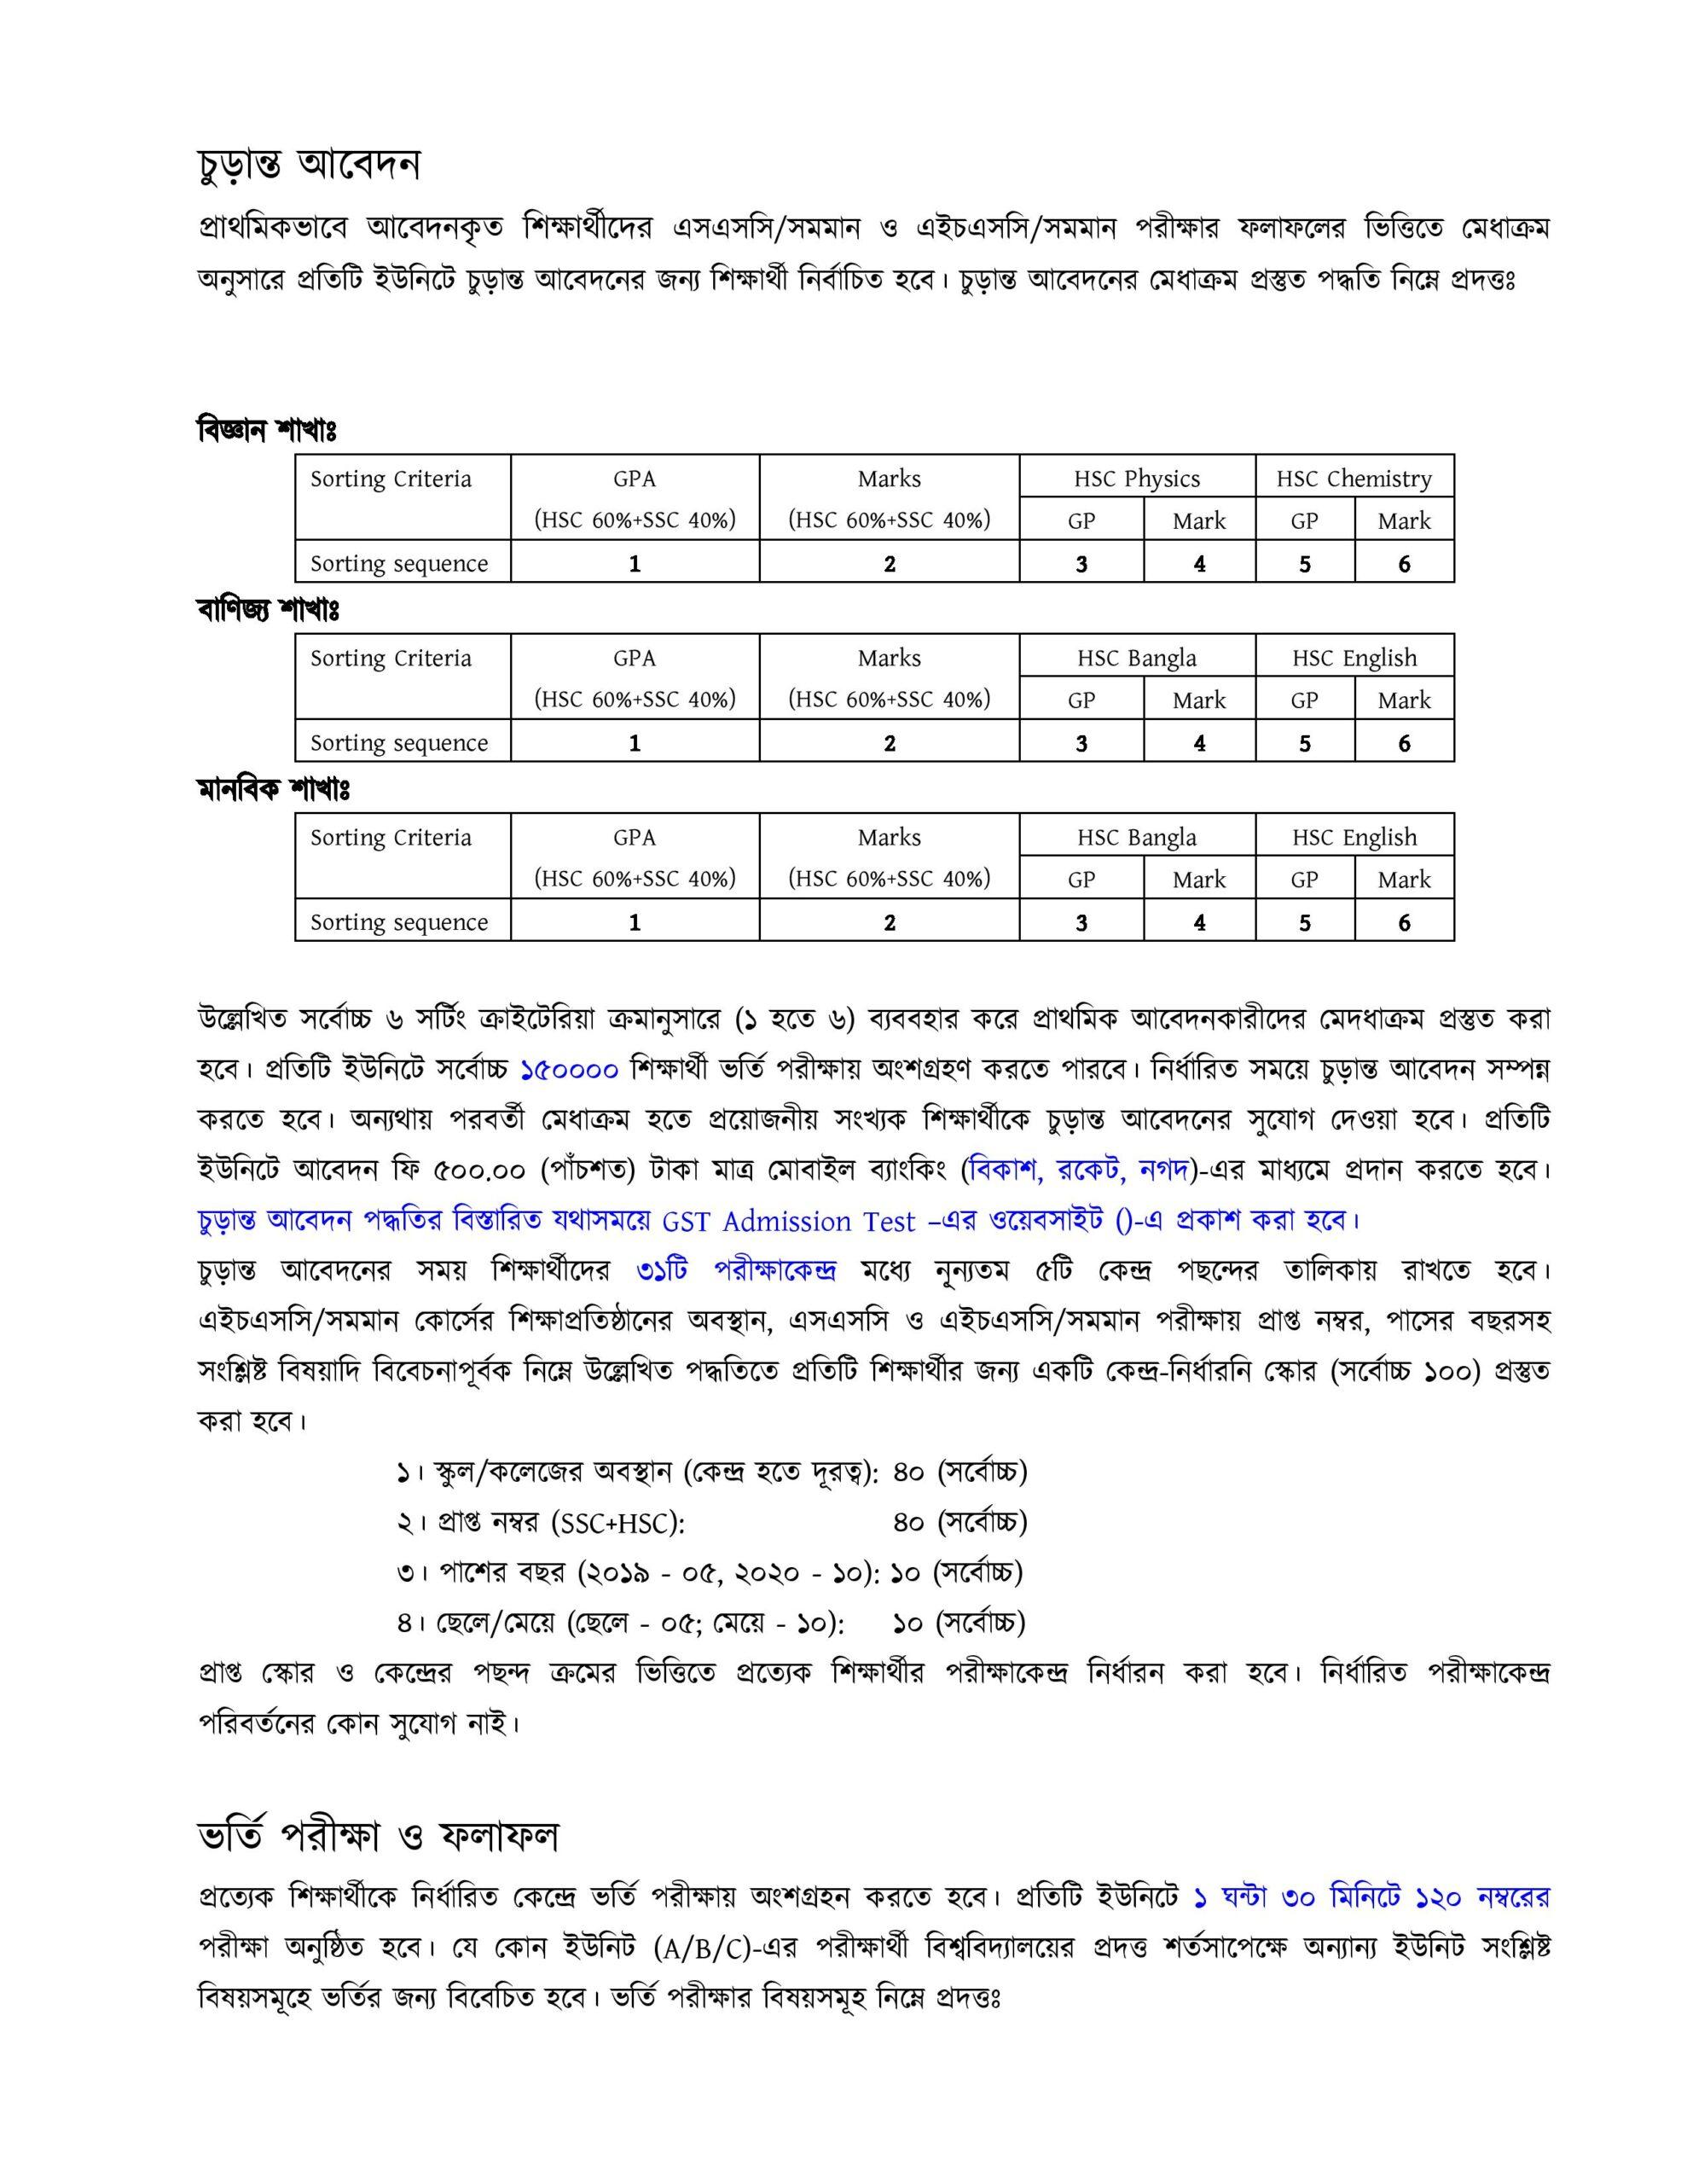 GST Admission Circular 2021